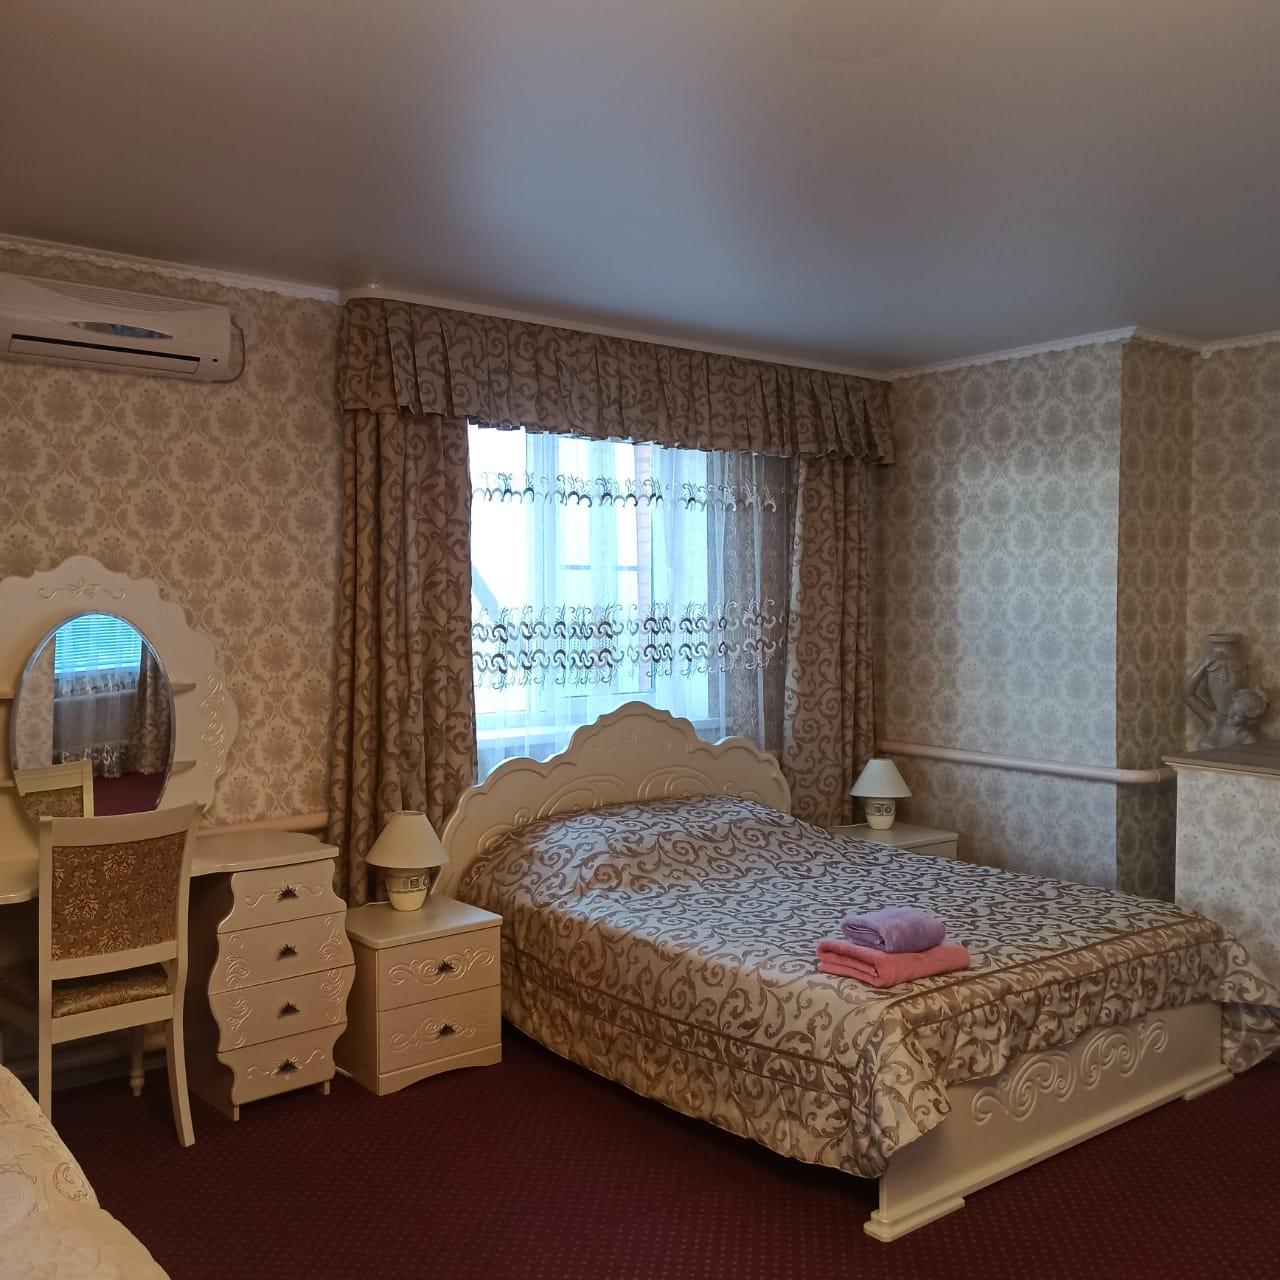 Снять гостиницу в Алексеевке Белгородской области